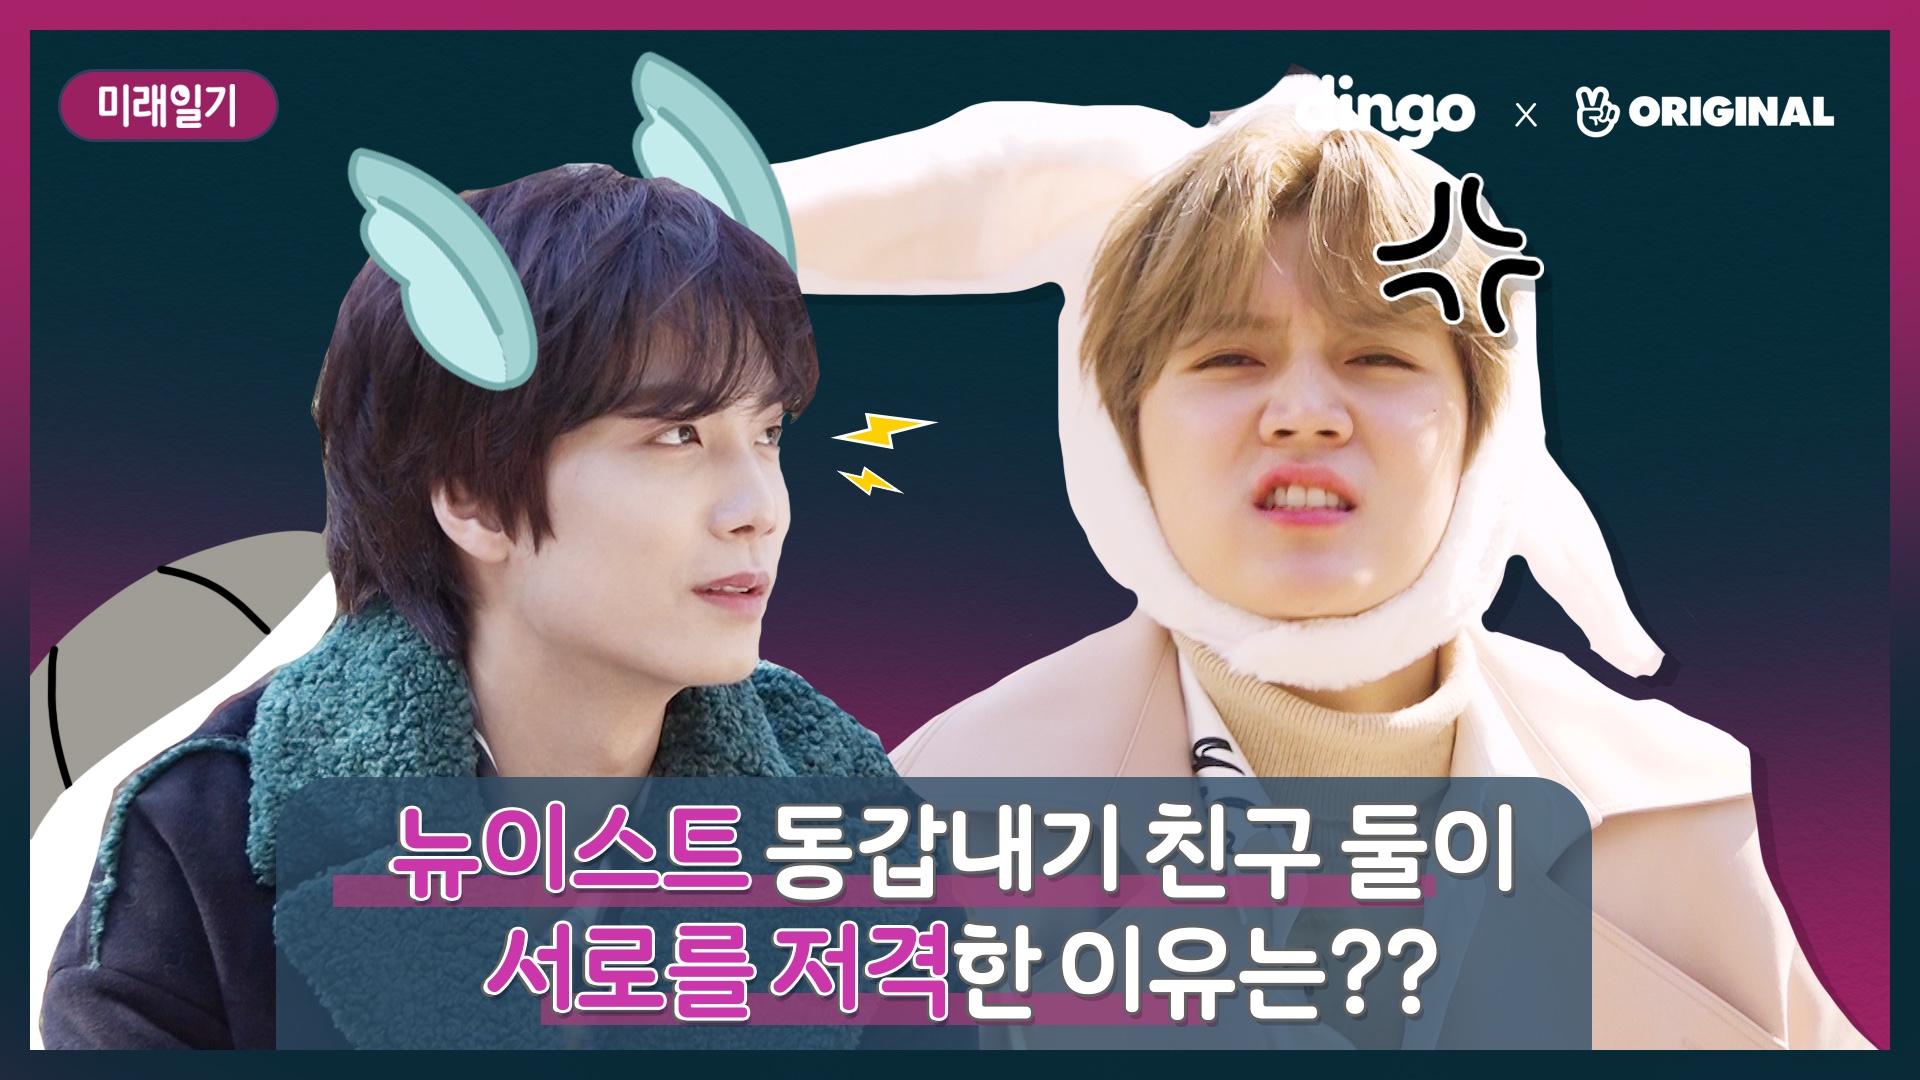 뉴이스트 동갑내기 친구 렌과 JR이 서로를 저격한 이유는?? [미래일기_ep 11 teaser]